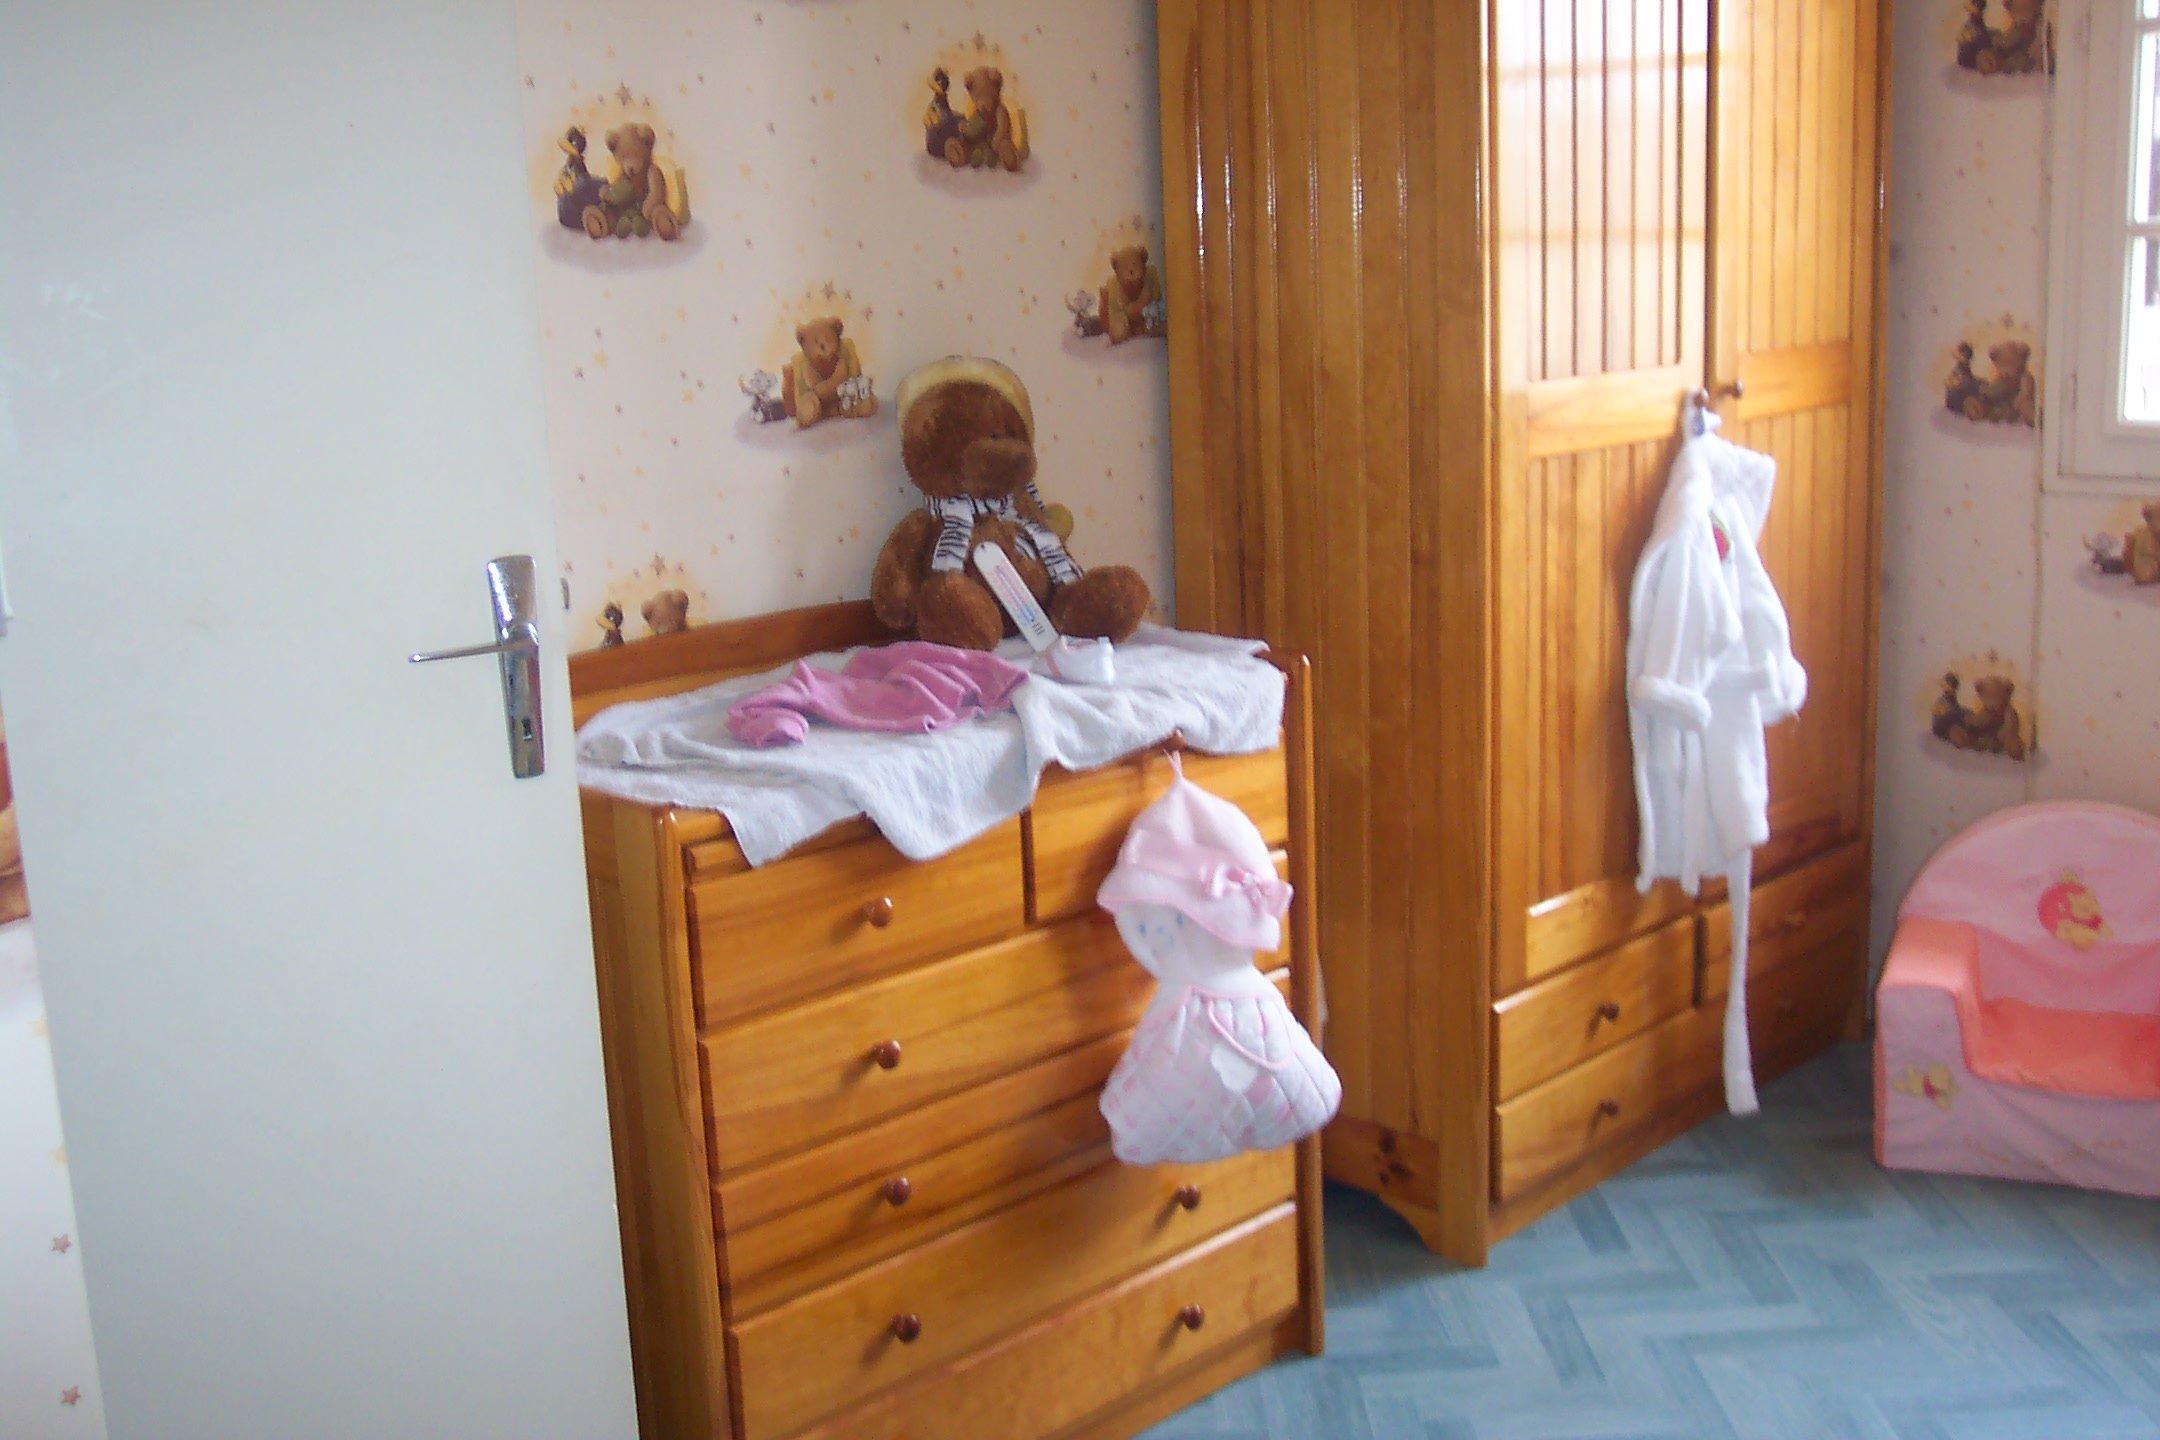 La chambre de bébé at la vie d'une mouflette ordinaire